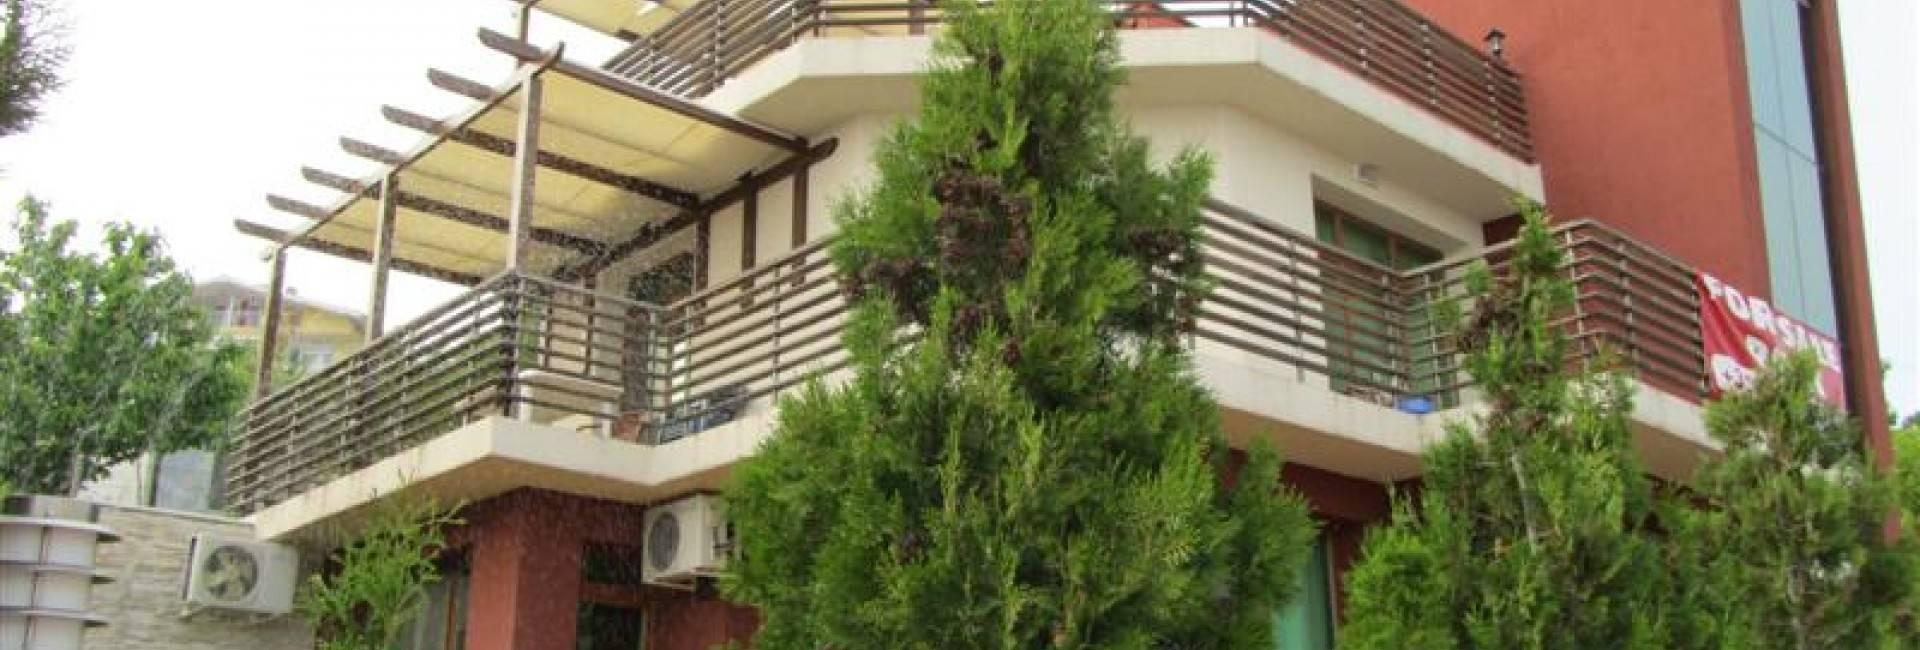 Къща Фиш-фиш Албена 222 m2